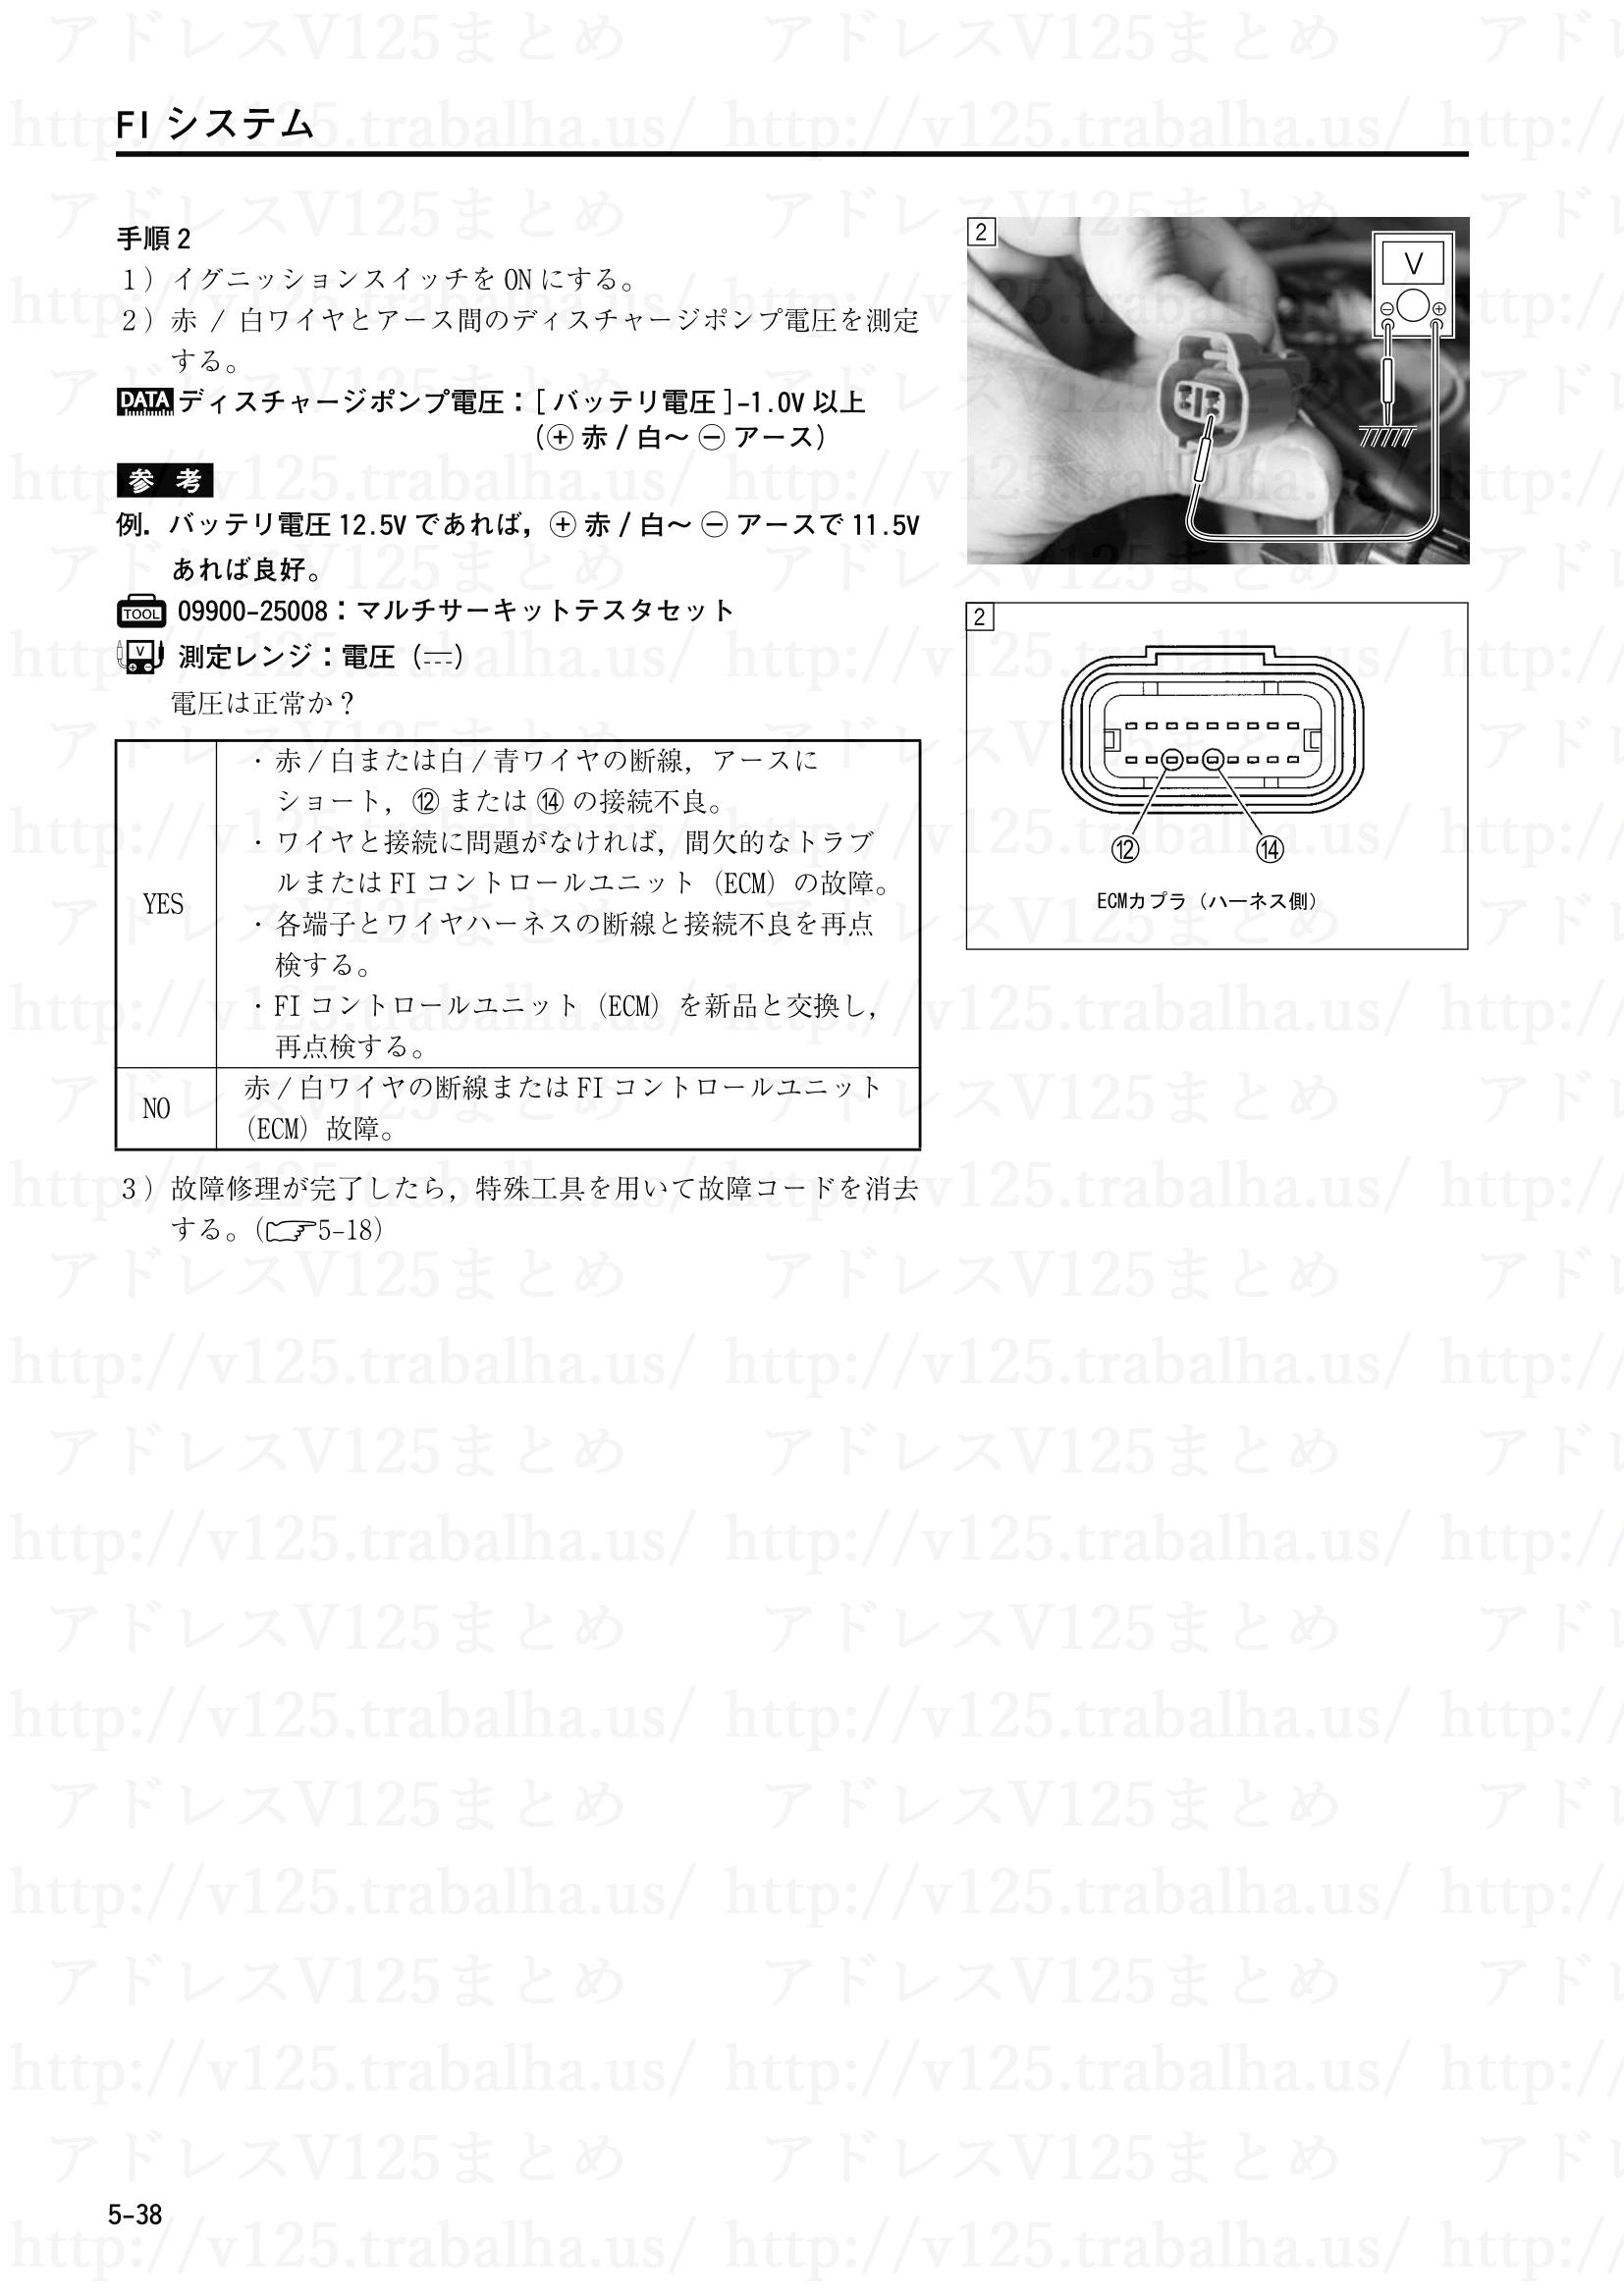 """5-38【FIシステム】""""C32""""ディスチャージポンプ(DCP)回路の故障2"""